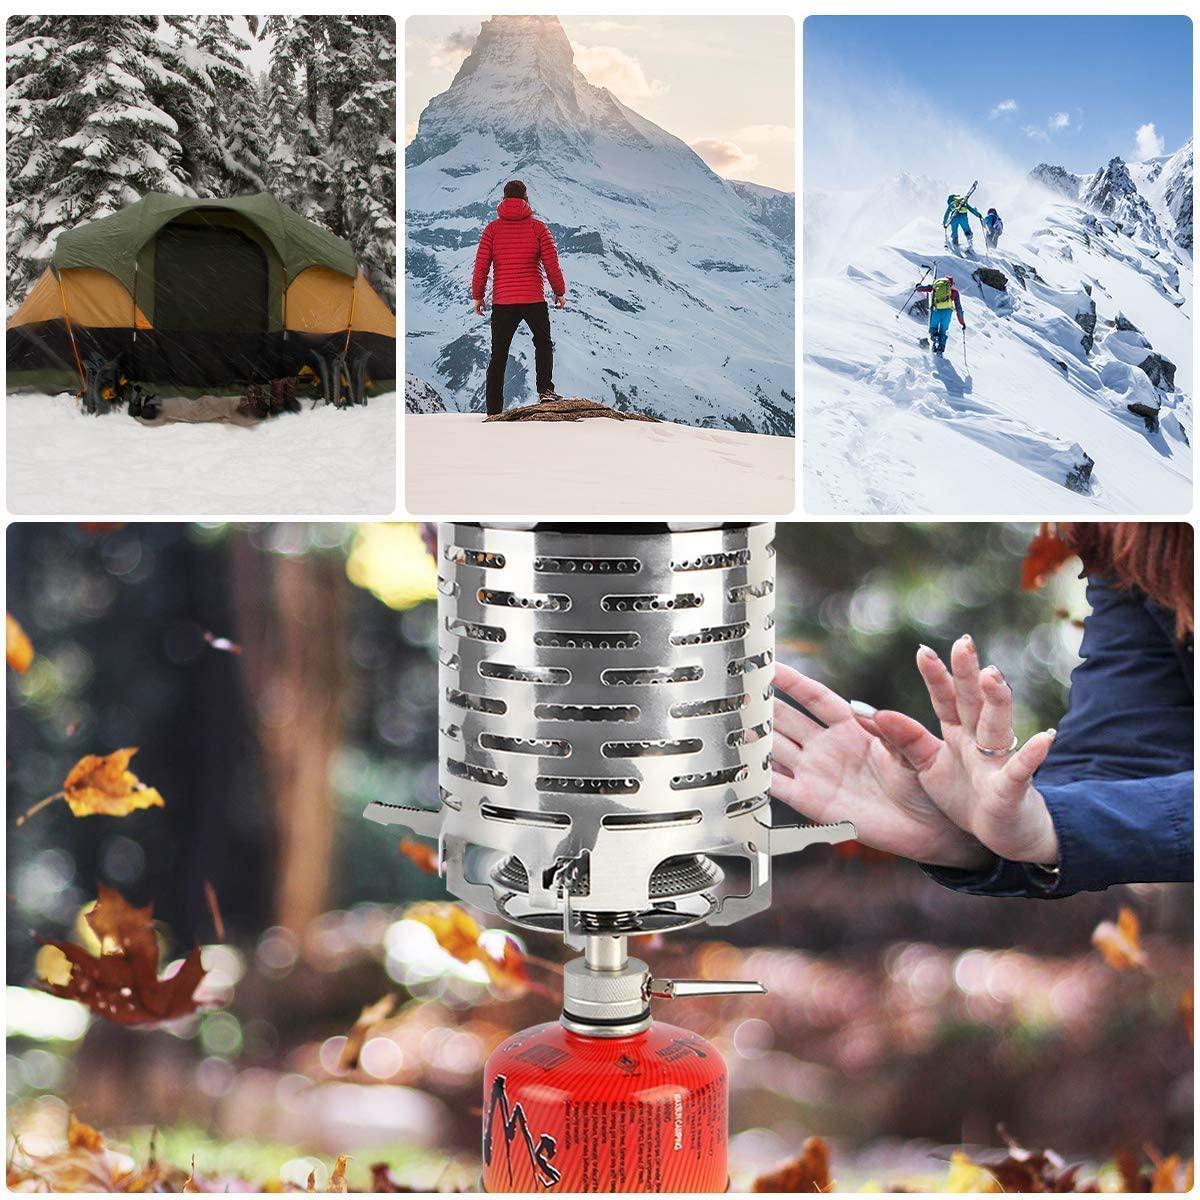 Mini calentador de camping ZONSUSE, calentador de estufa de camping portátil